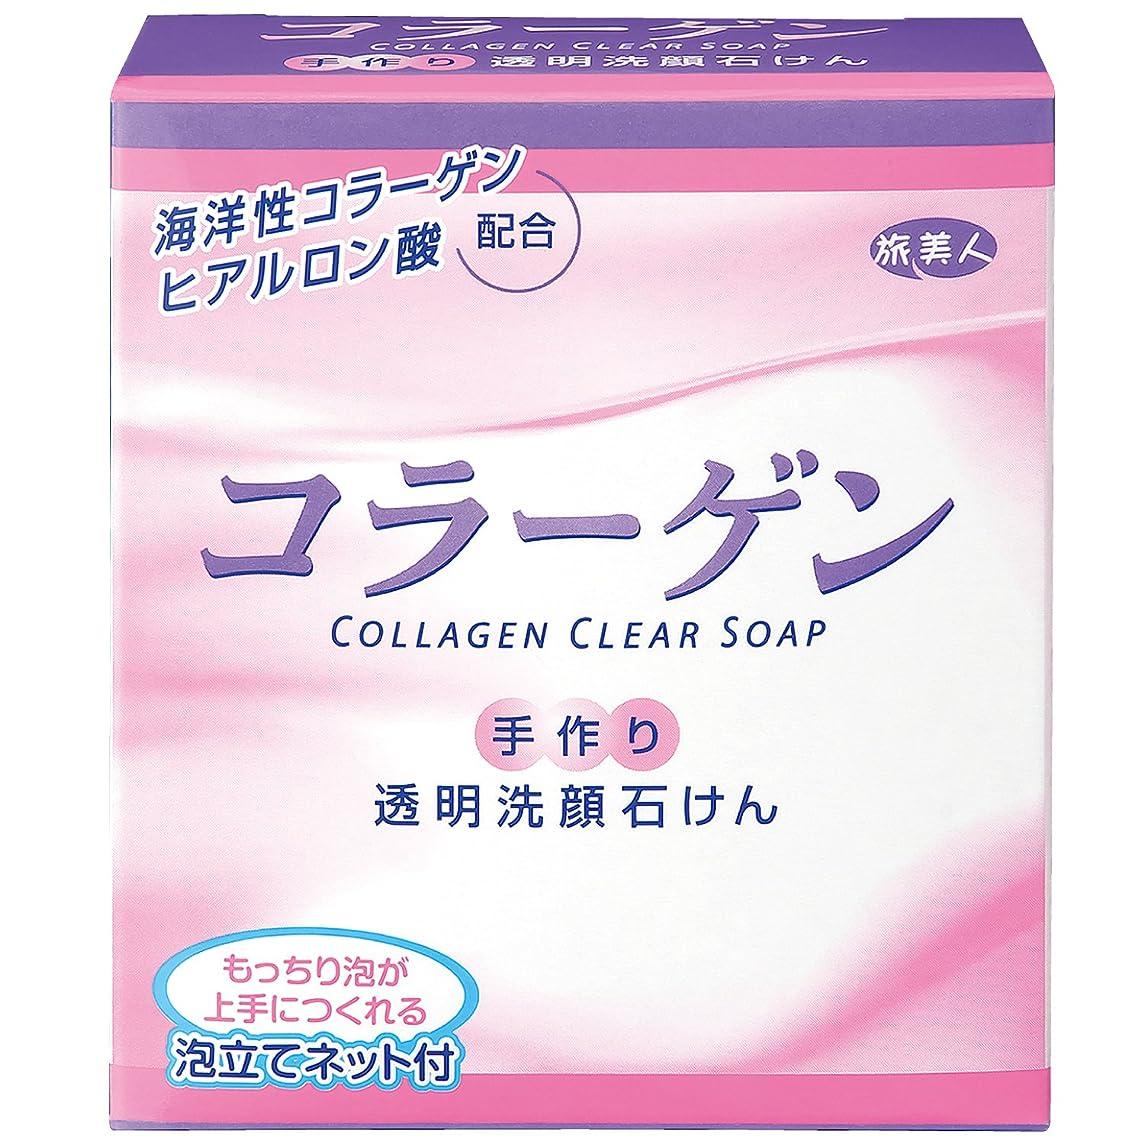 想像する不安定ふざけたアズマ商事の コラーゲン透明洗顔石鹸 手作り